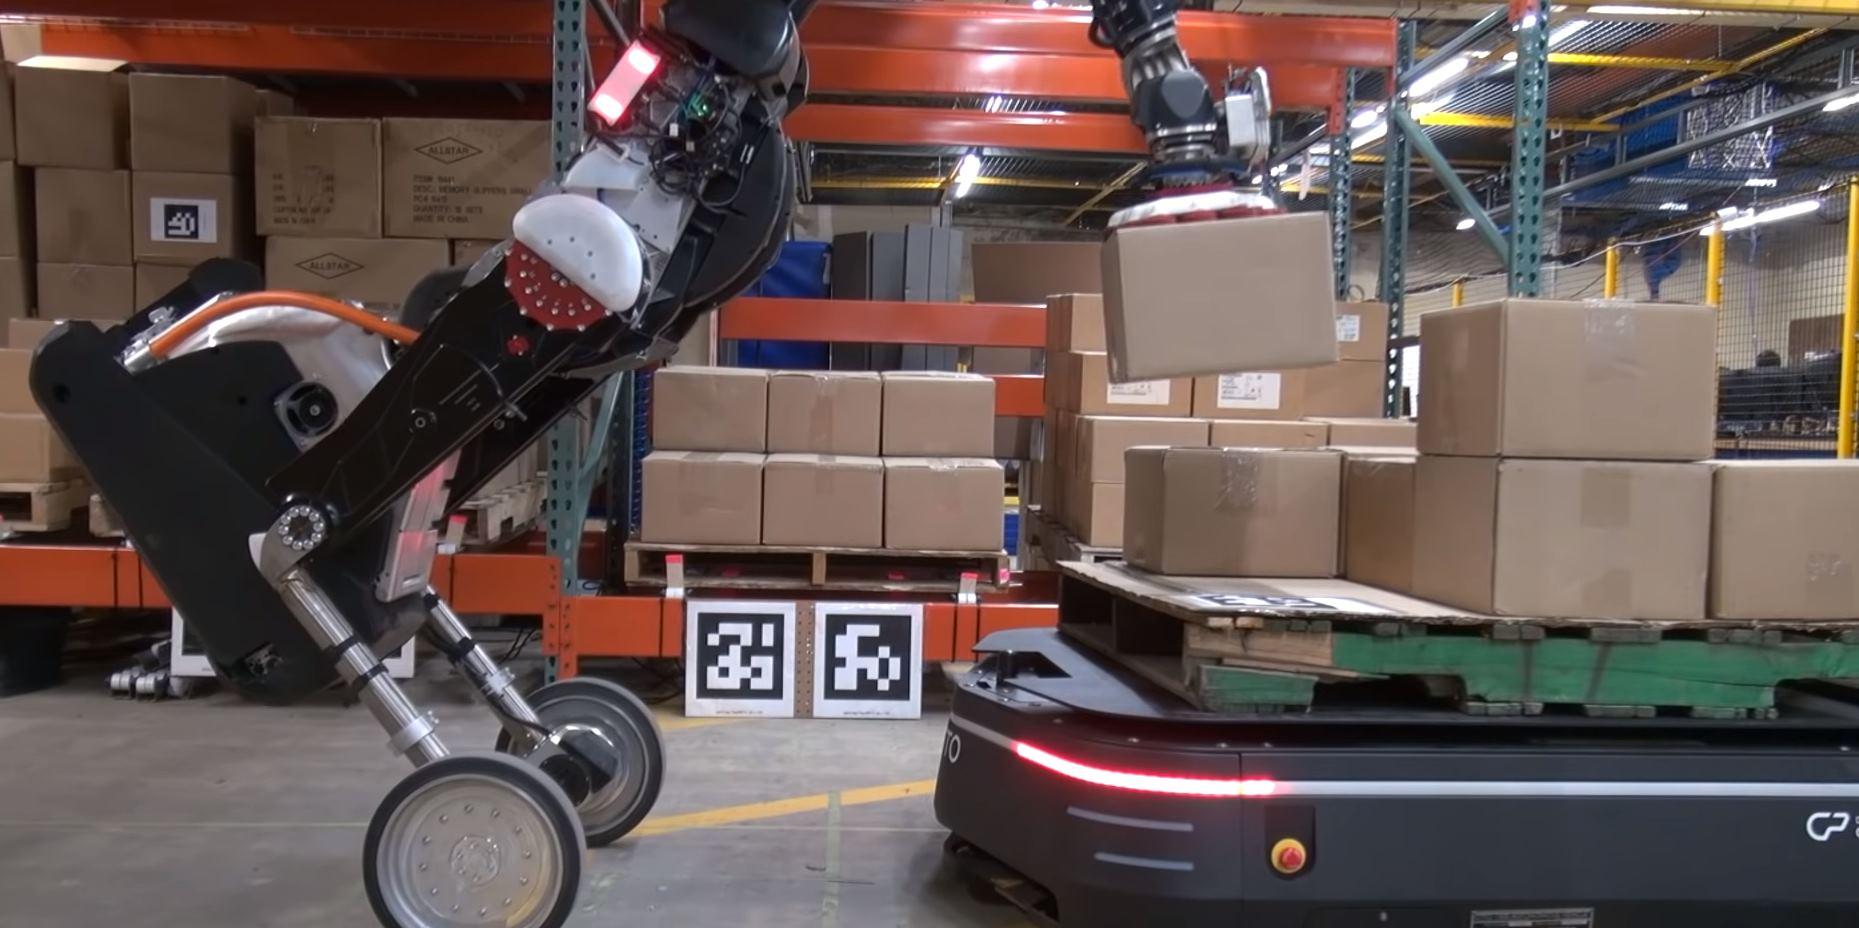 Así colaboran robots en los almacenes para el trabajo pesado